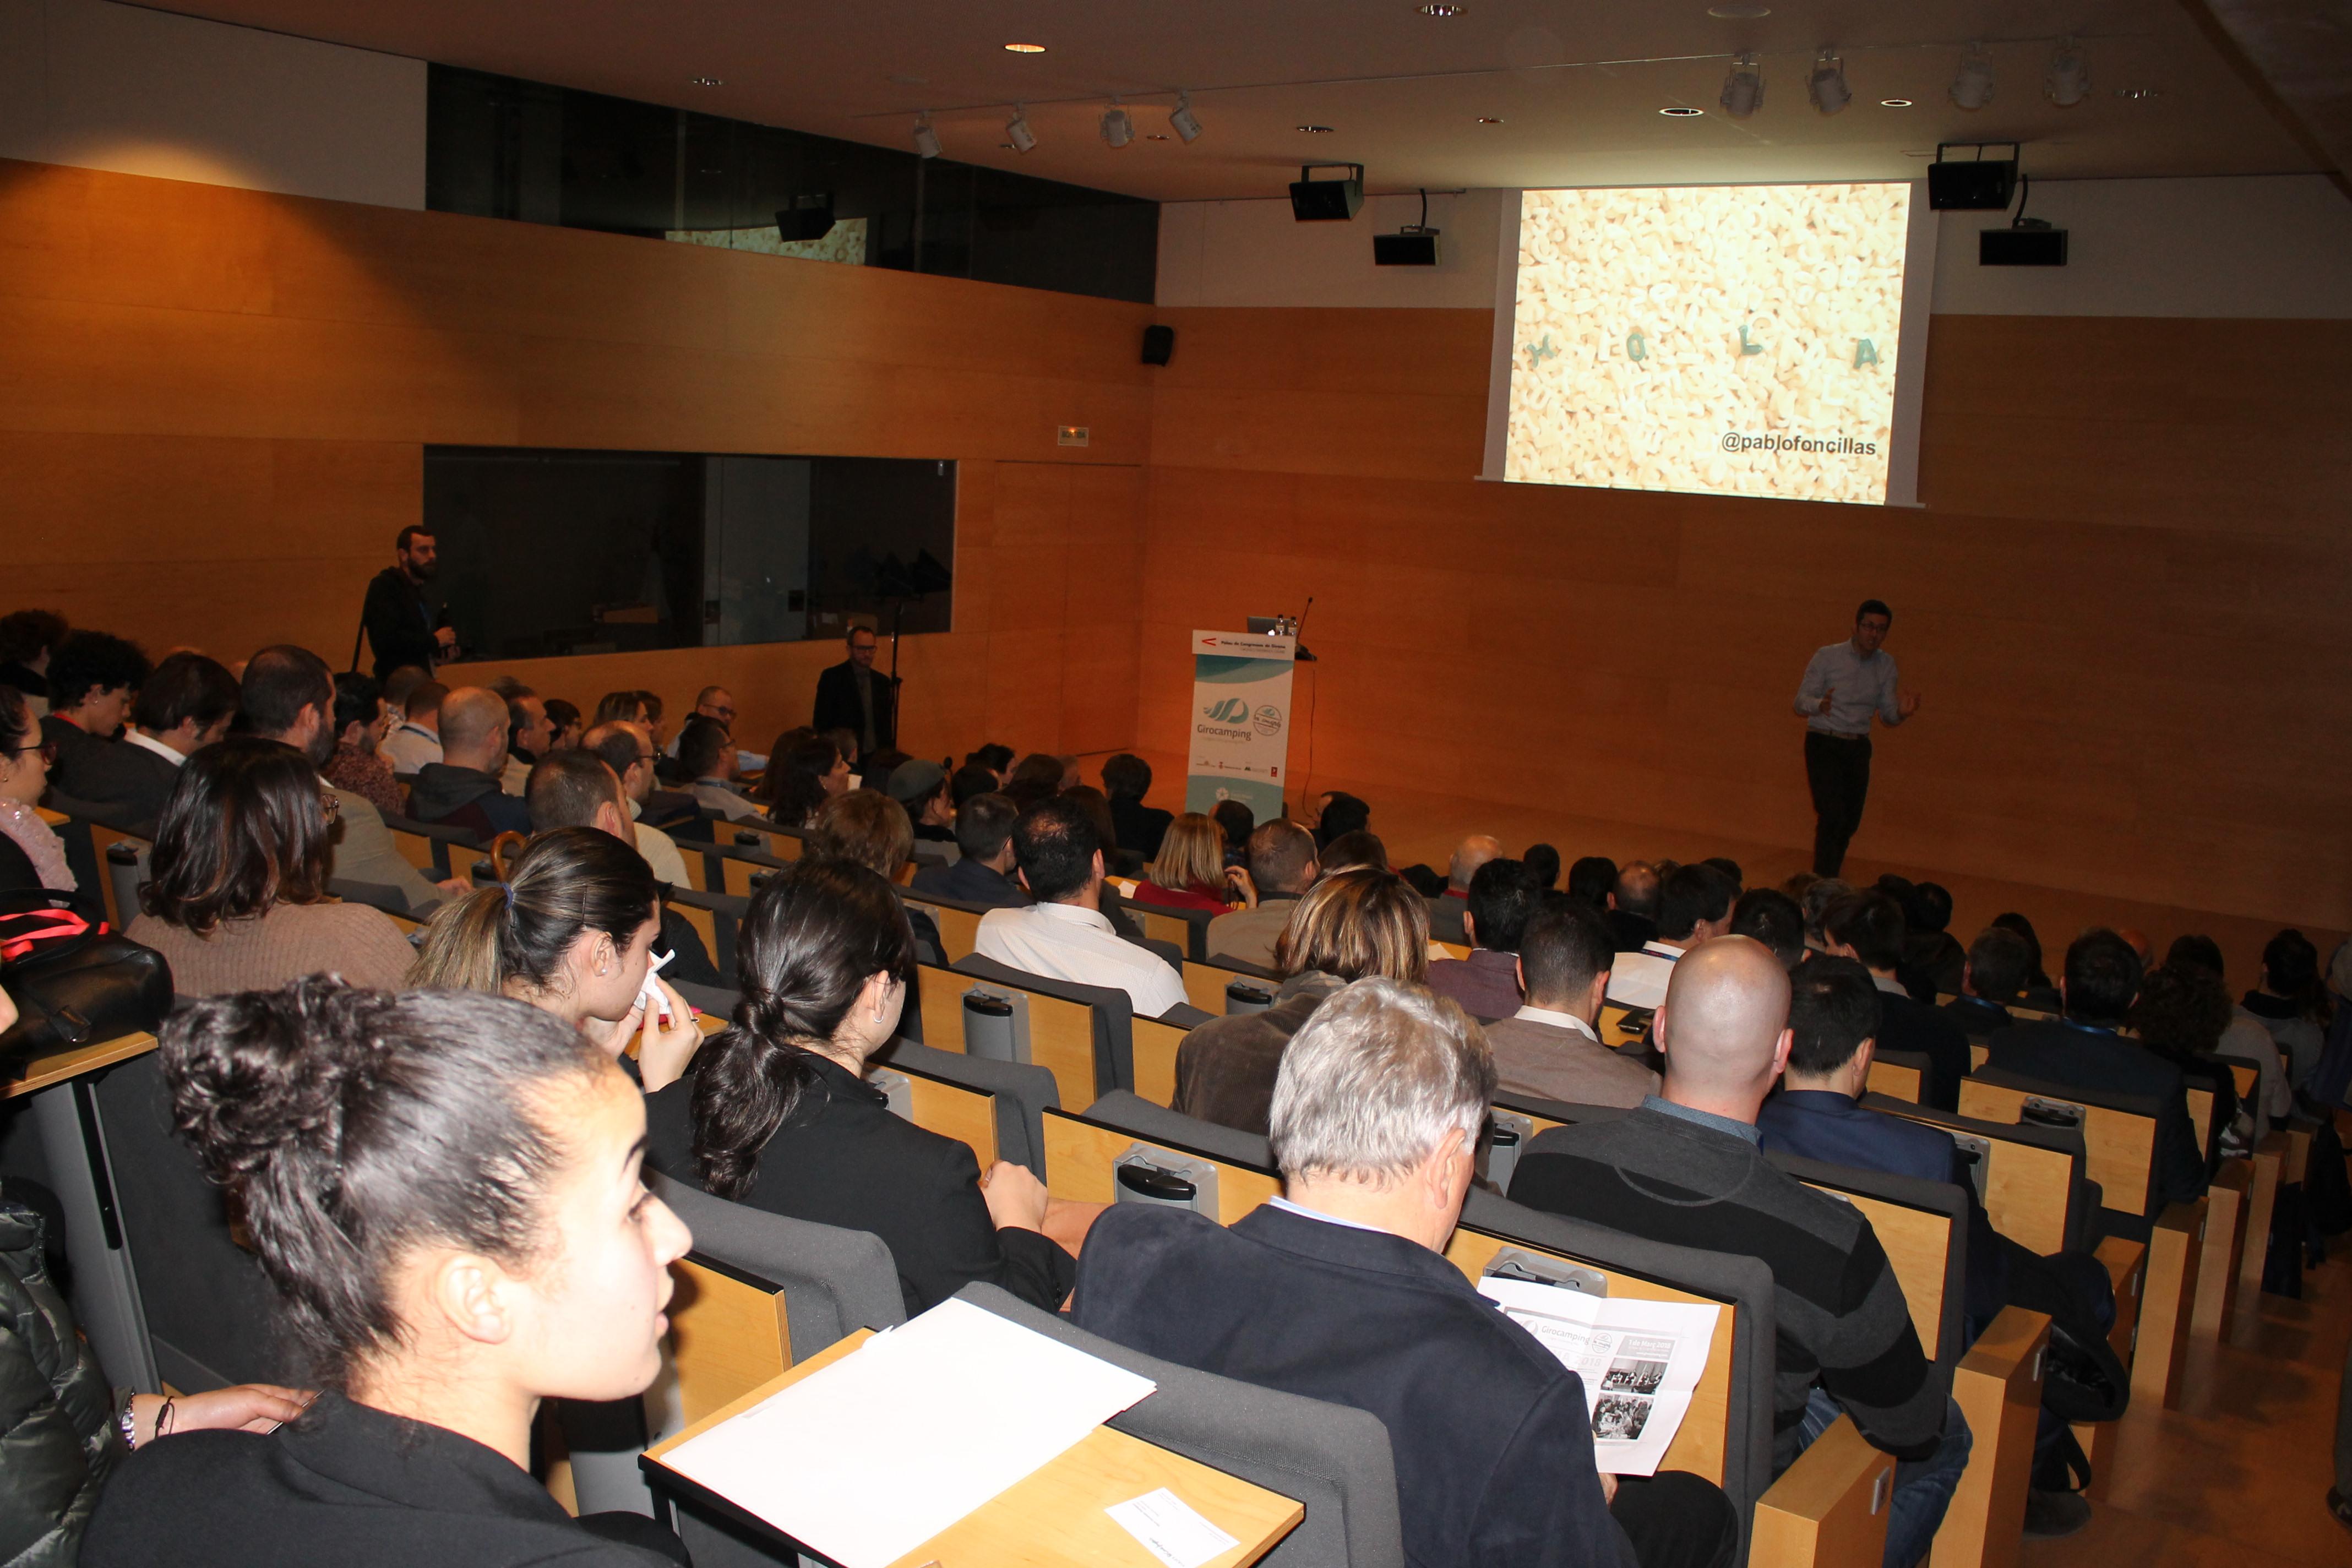 El congrés dels càmpings gironins ofereix eines per innovar i escalar posicions en el sector turístic